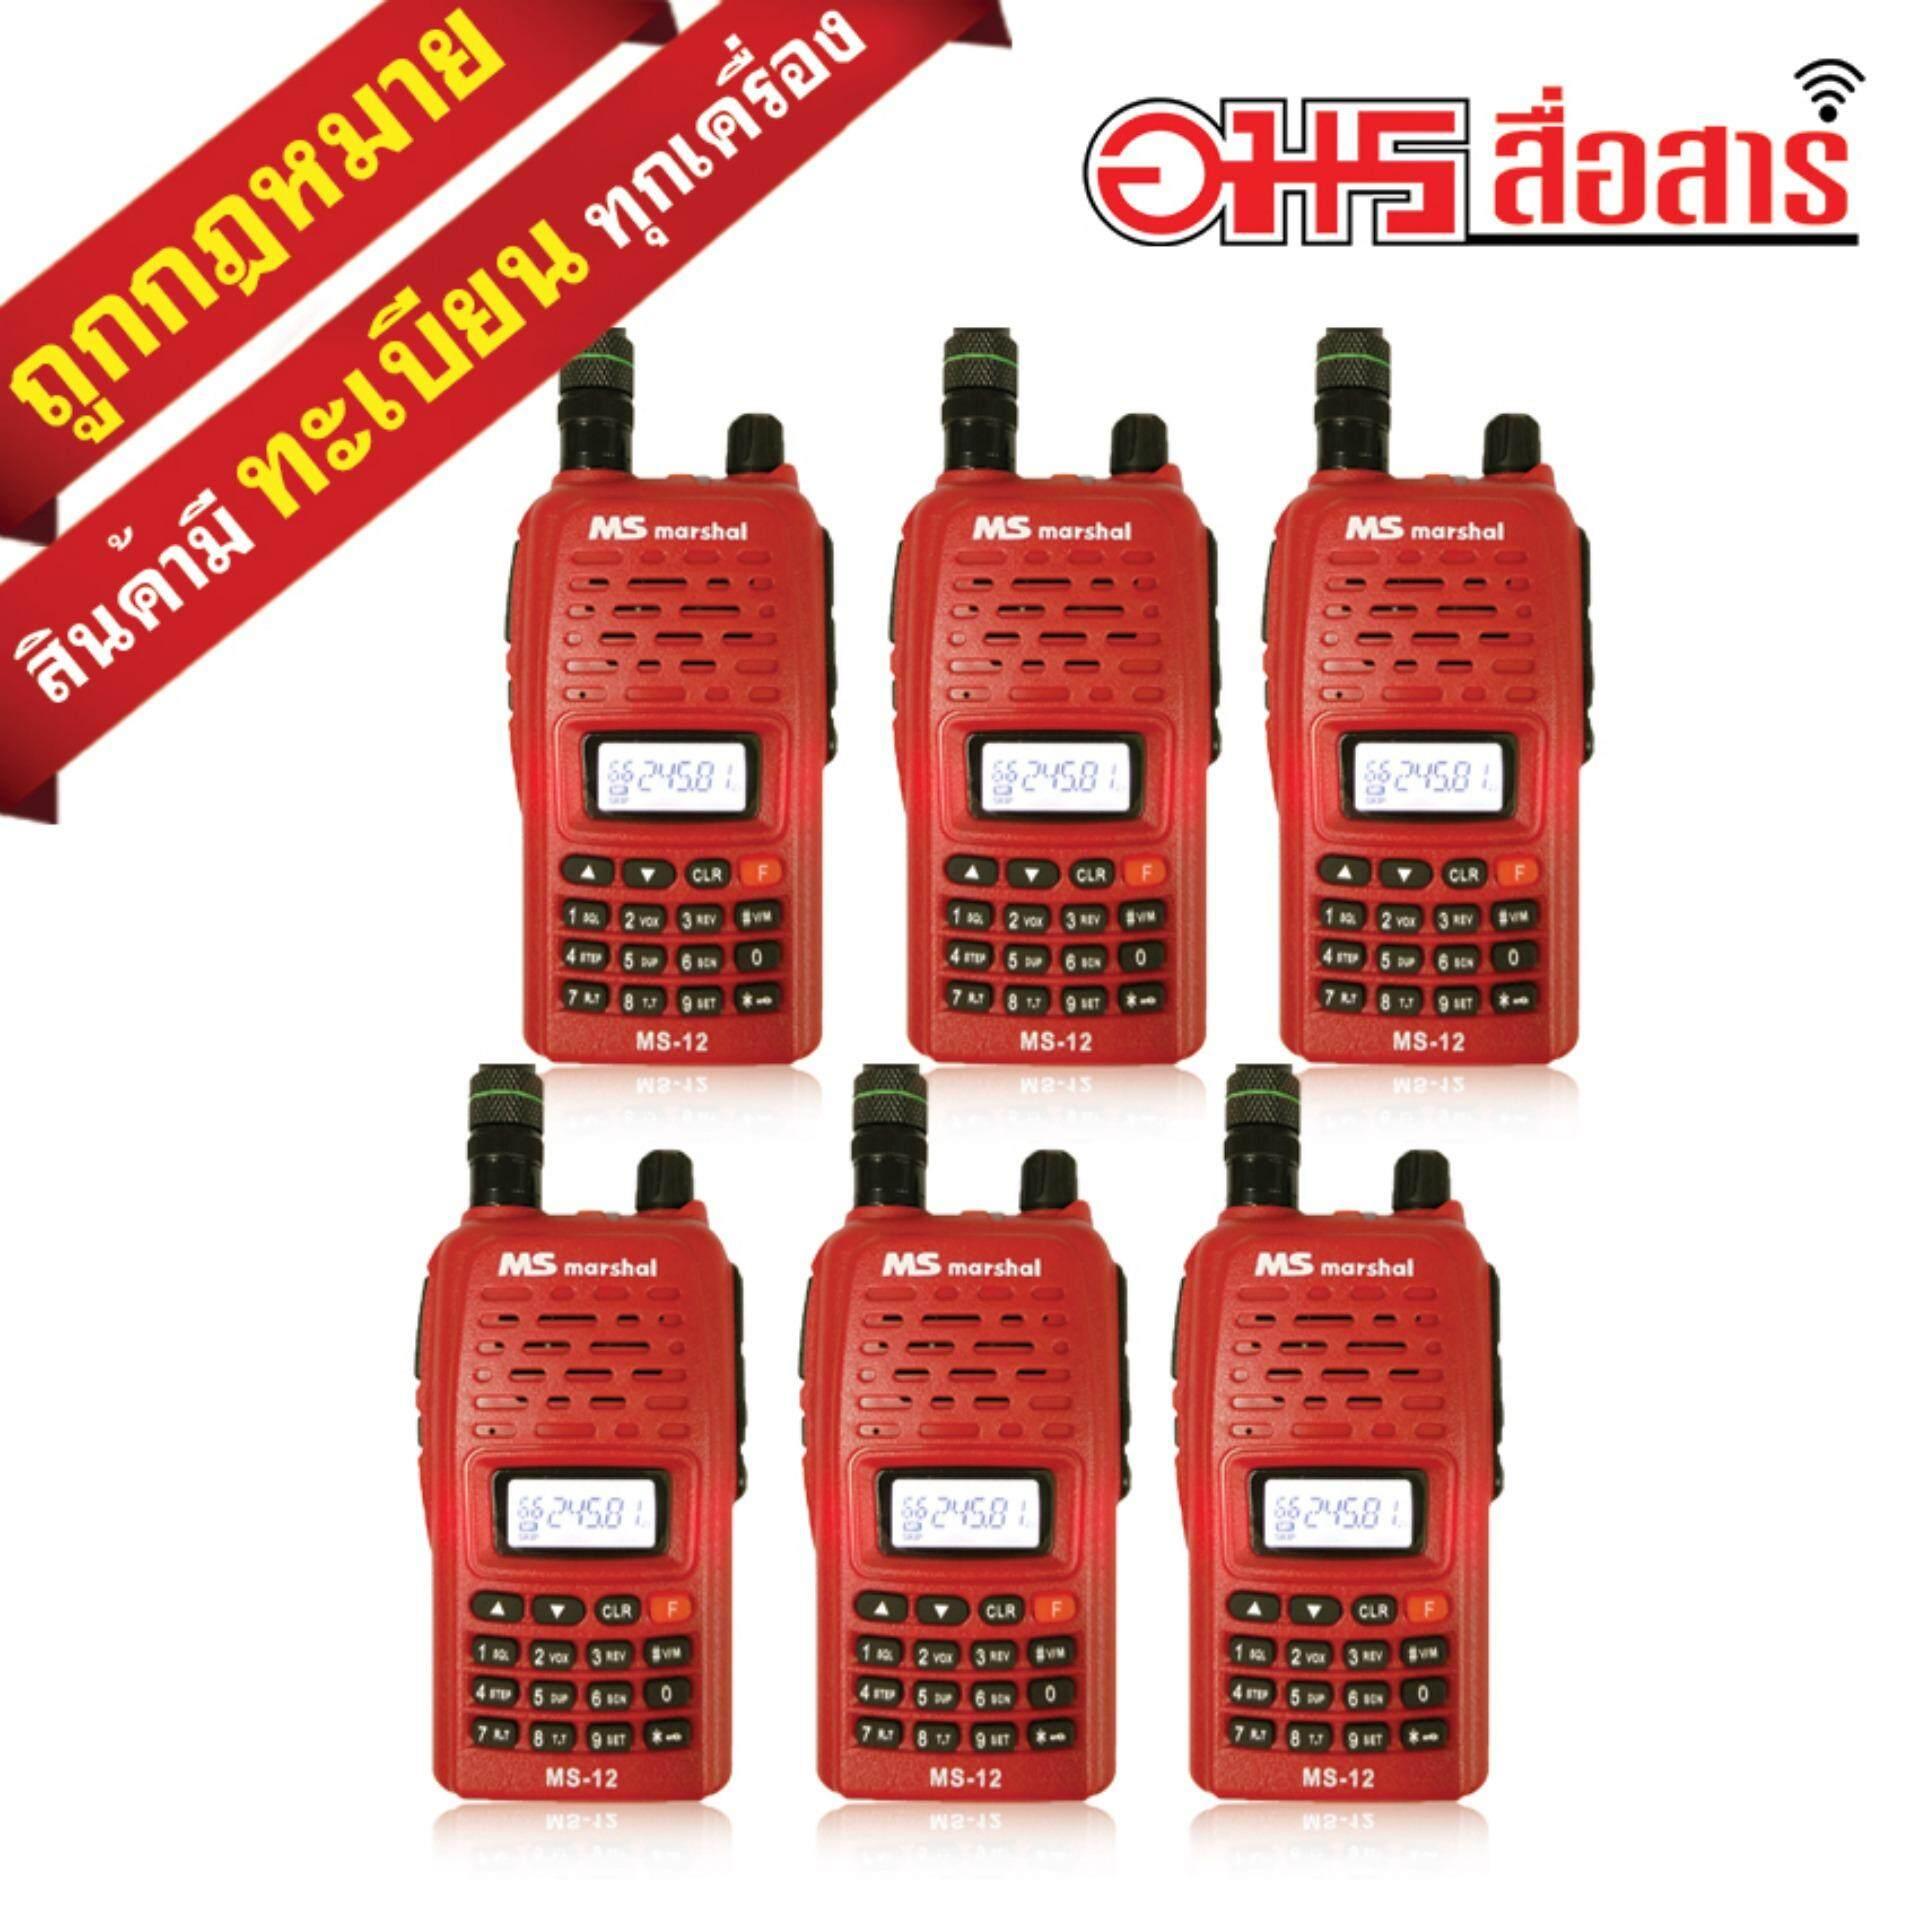 MS MARSHAL วิทยุสื่อสาร 5W MS-12  สีแดง แพ็คหก WALKIE TALKIE walkie-talkie อมรสื่อสาร